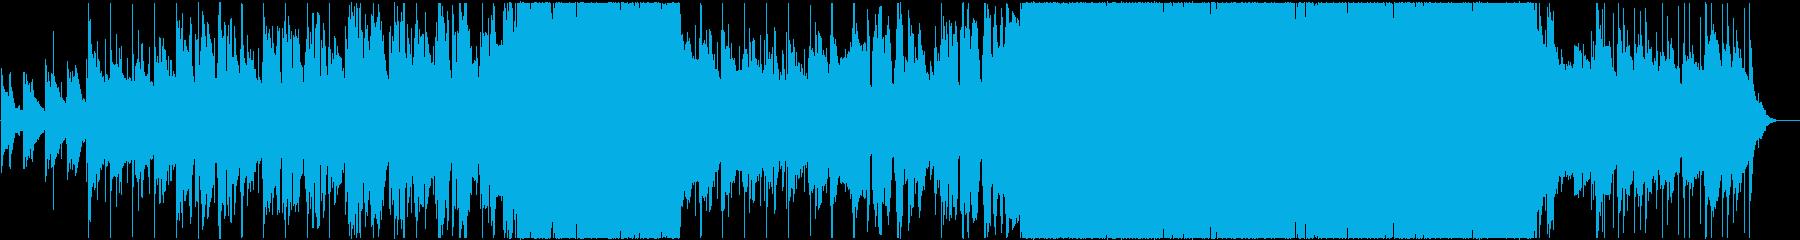 ストーリーライターの再生済みの波形